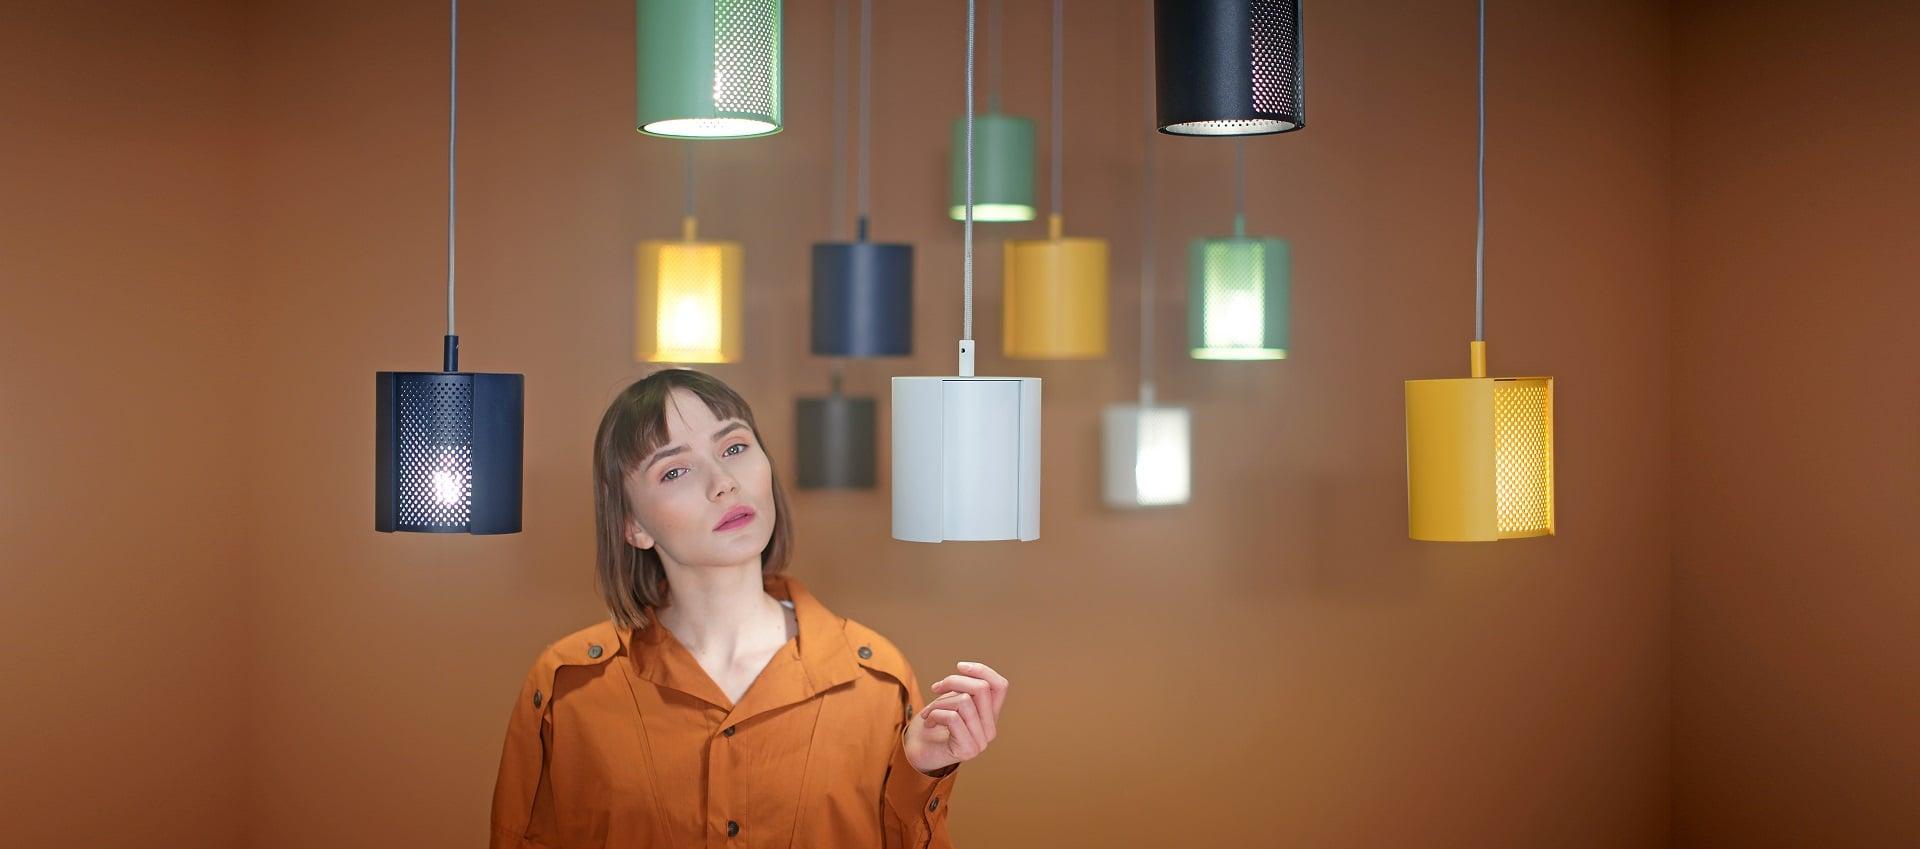 Lampy wiszące ogen w różnych kolorach